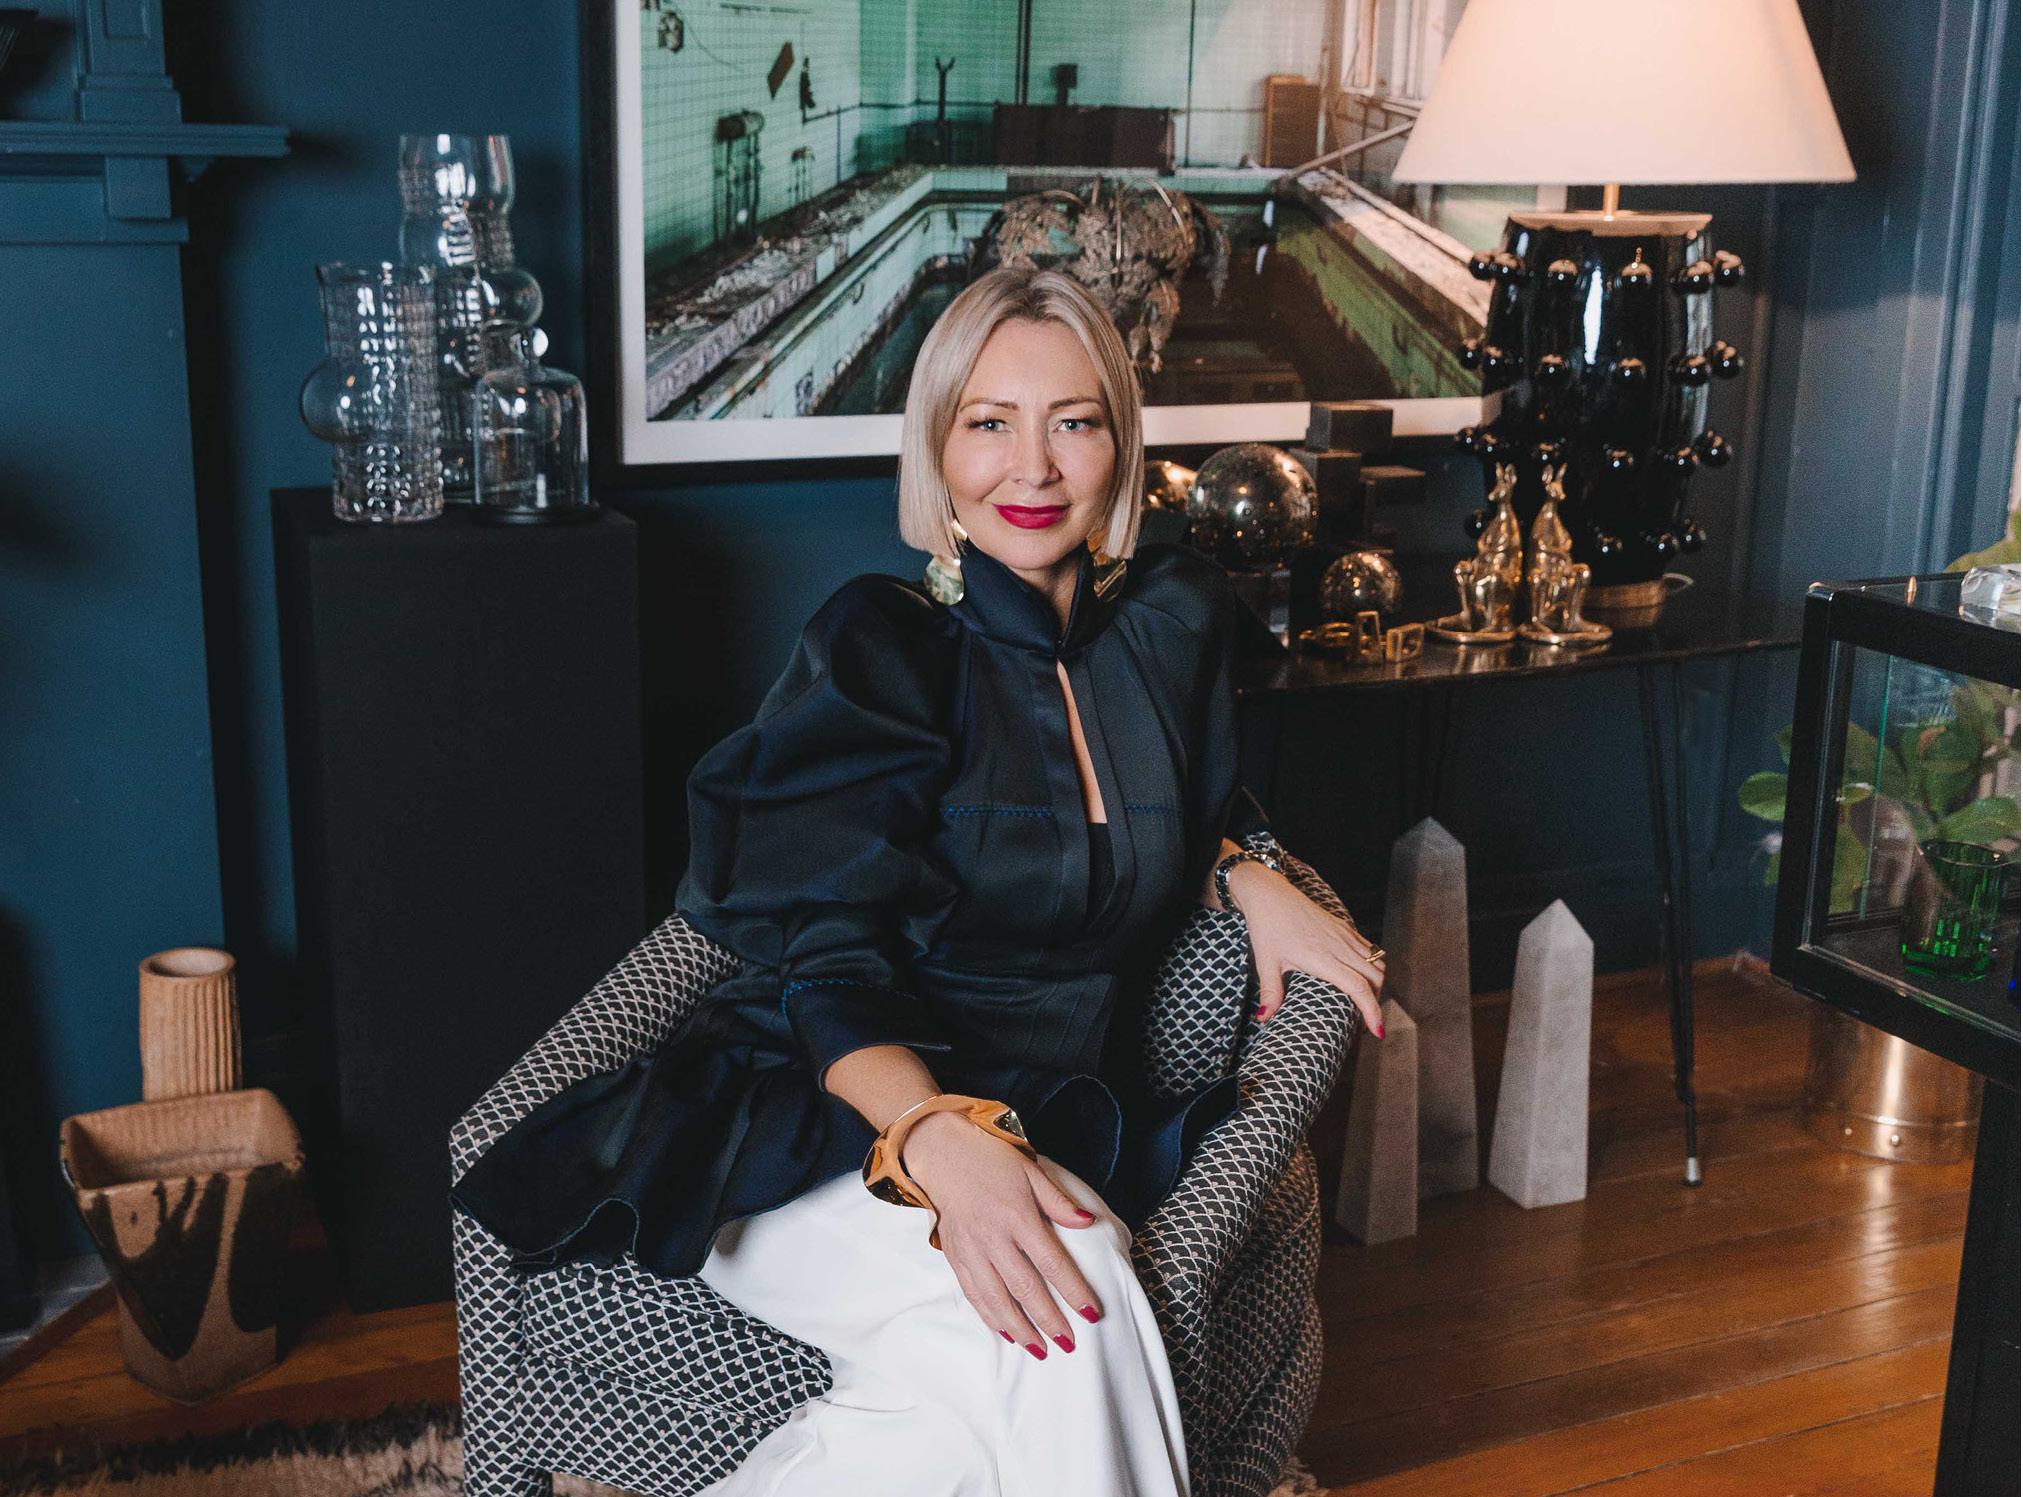 Salone del Mobile Milan 2018: Meet Zu Insider Michelle Macarounas